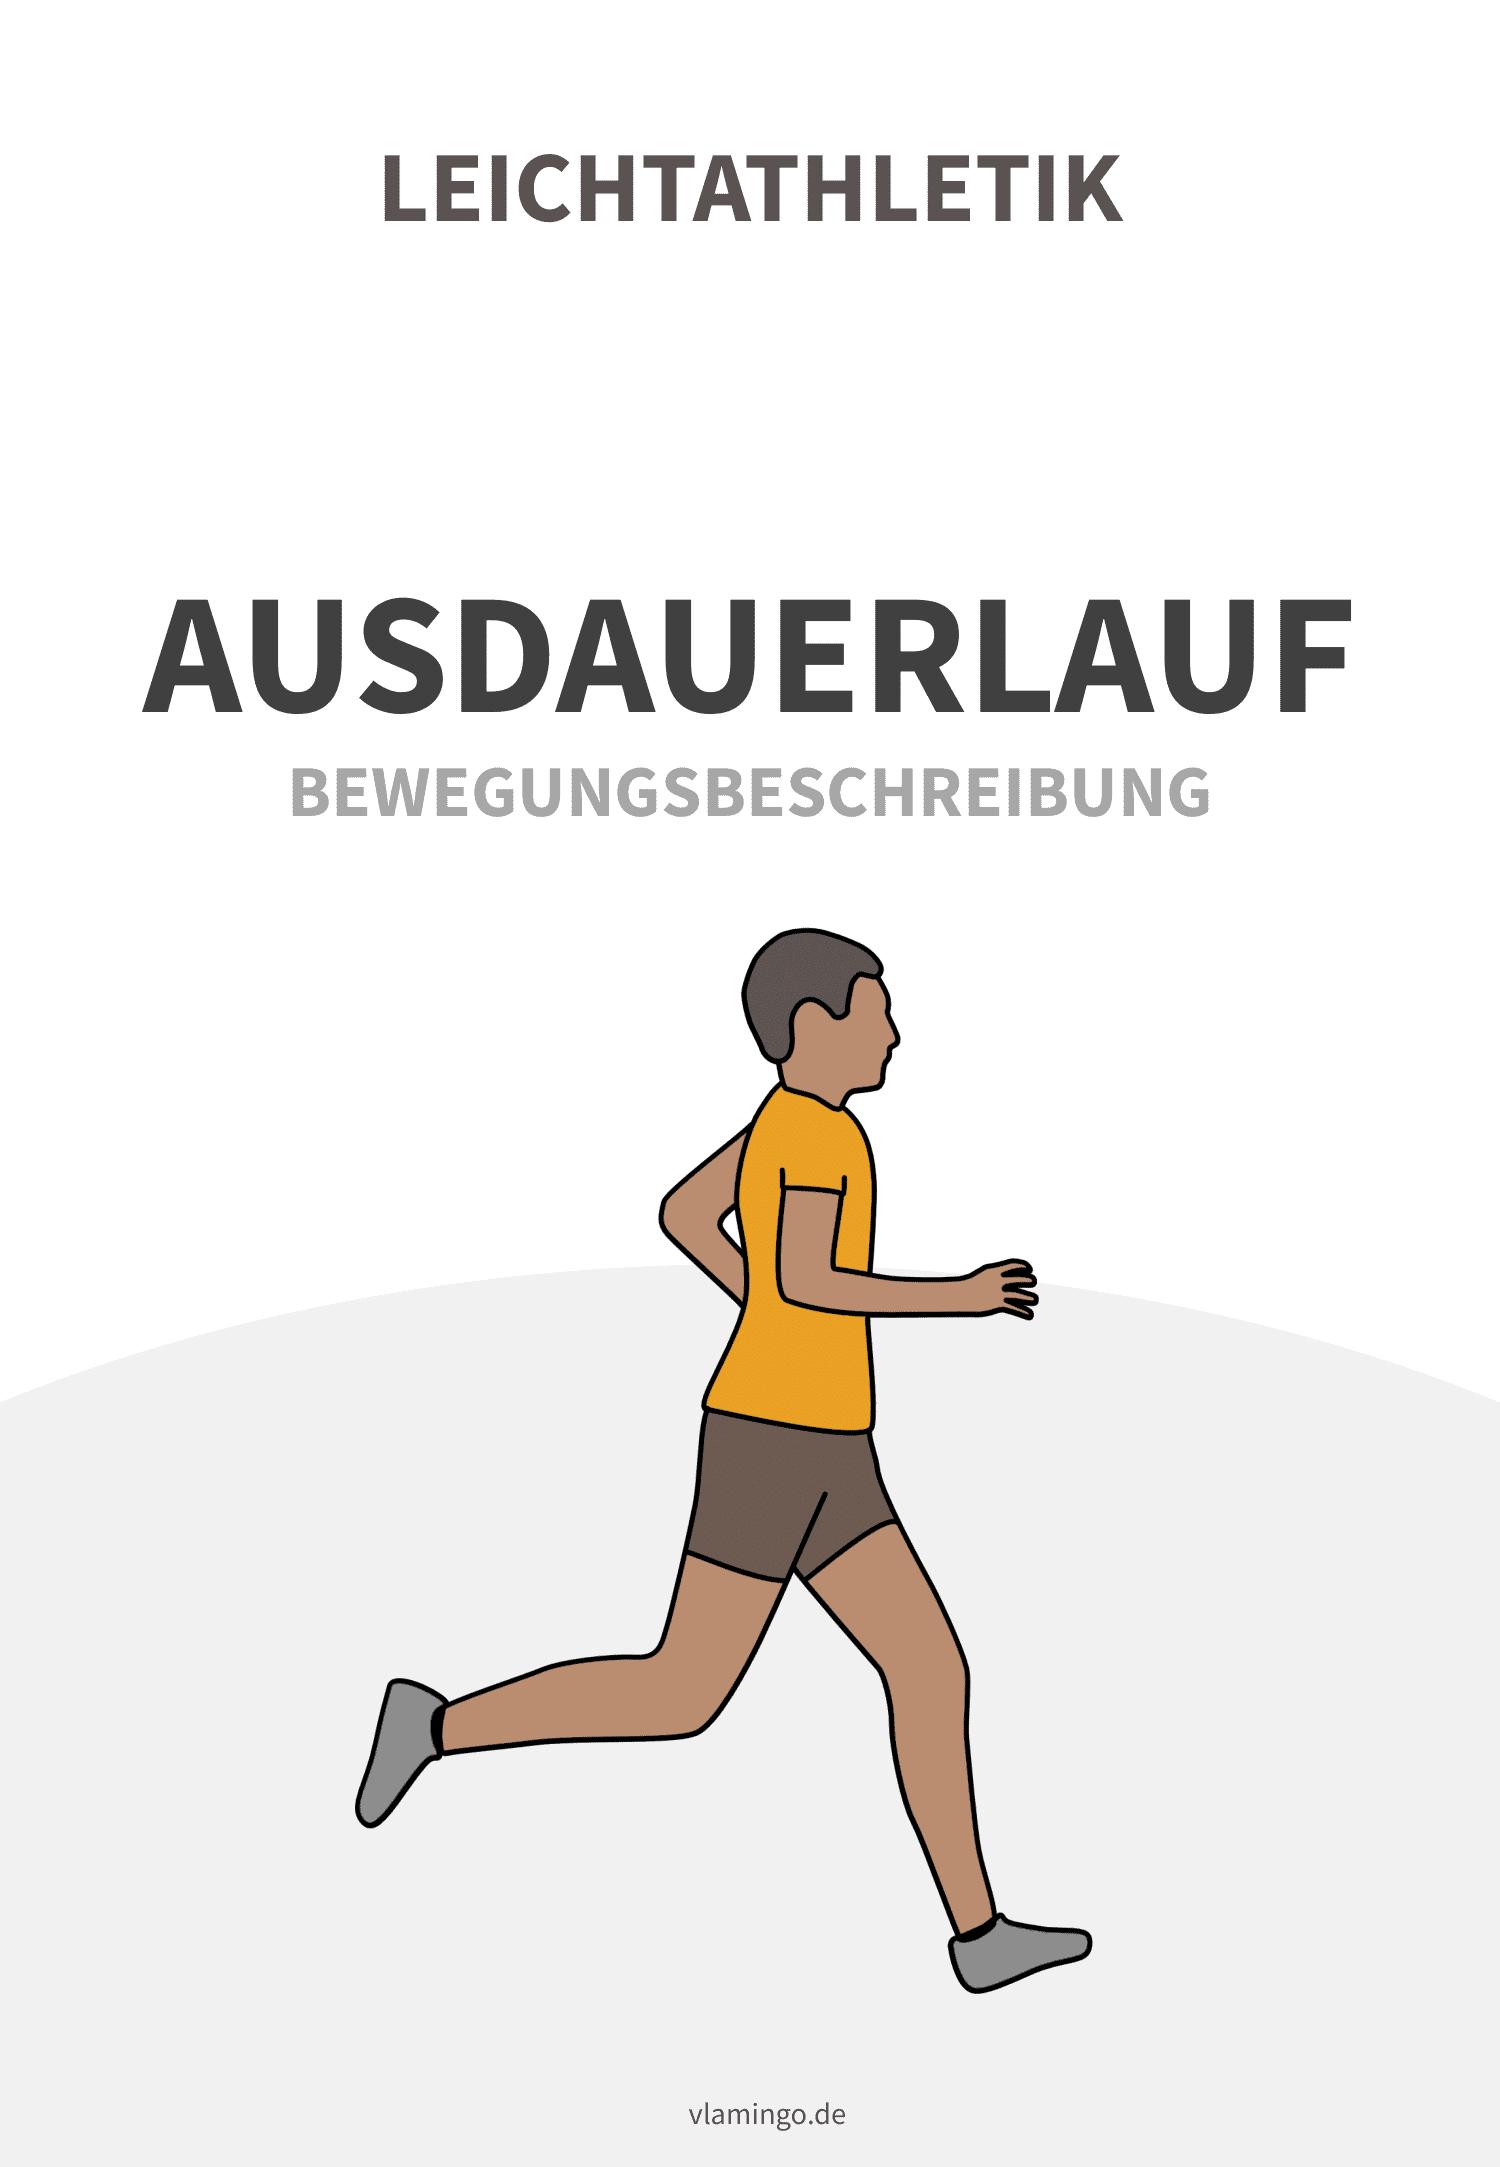 Leichtathletik - Ausdauerlauf